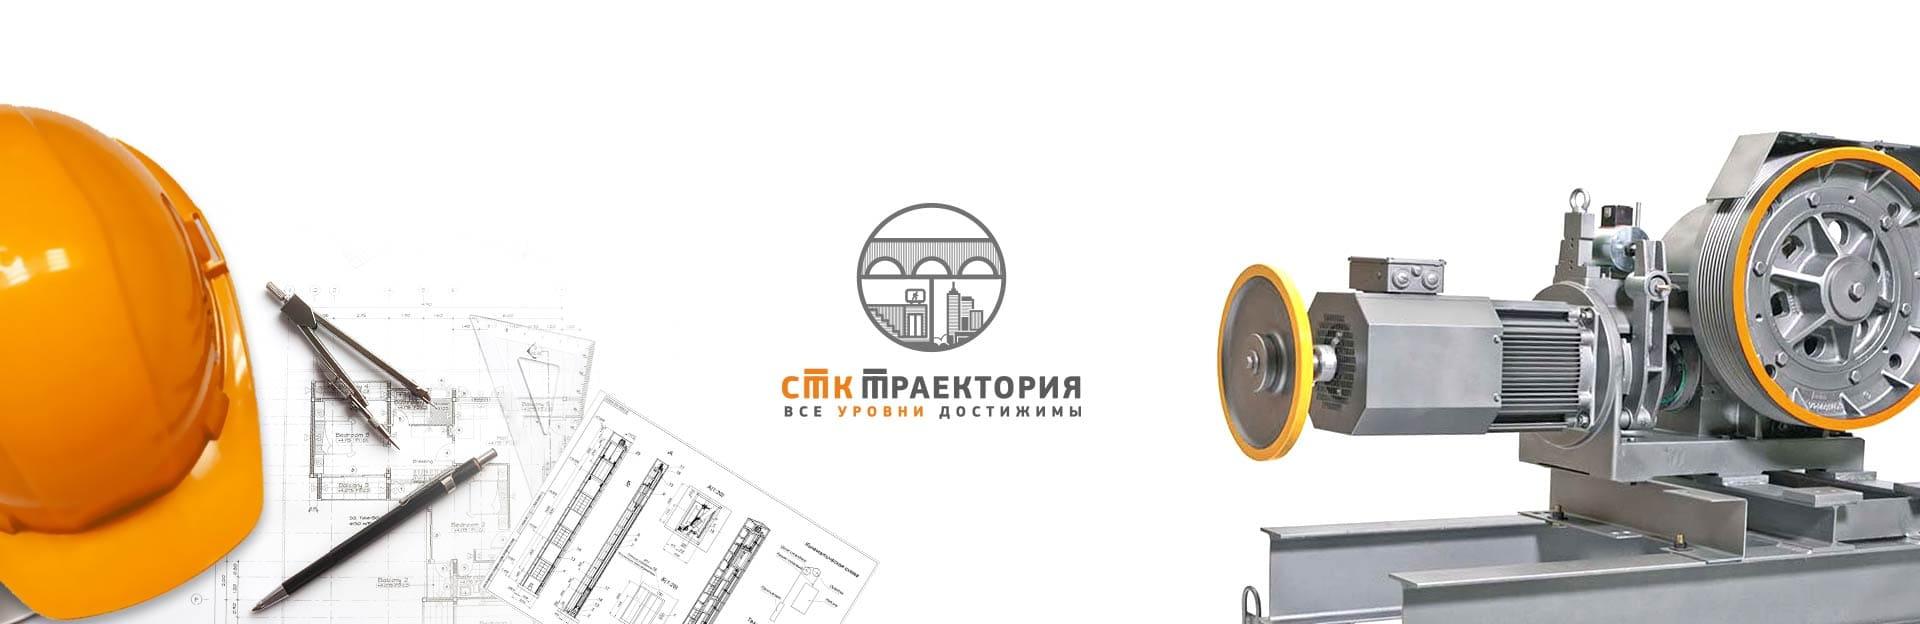 Разработка логотипа фирмы по ремонту